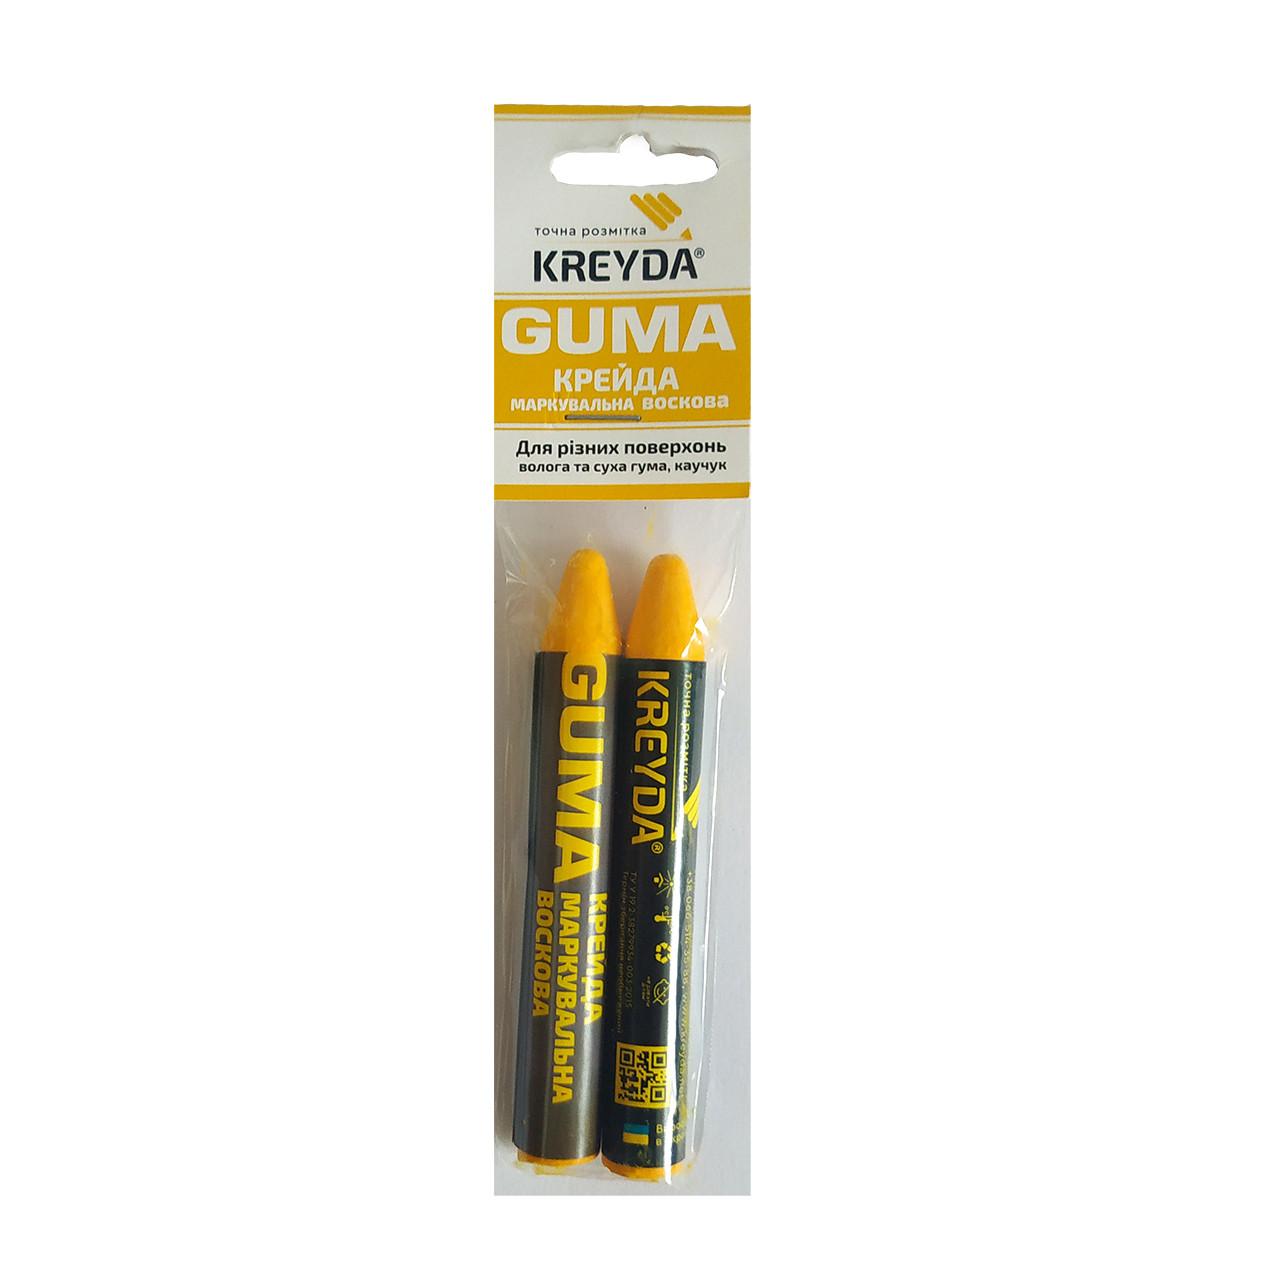 Для Резины, мел восковой разметочный (желтые) GUMA - 2шт